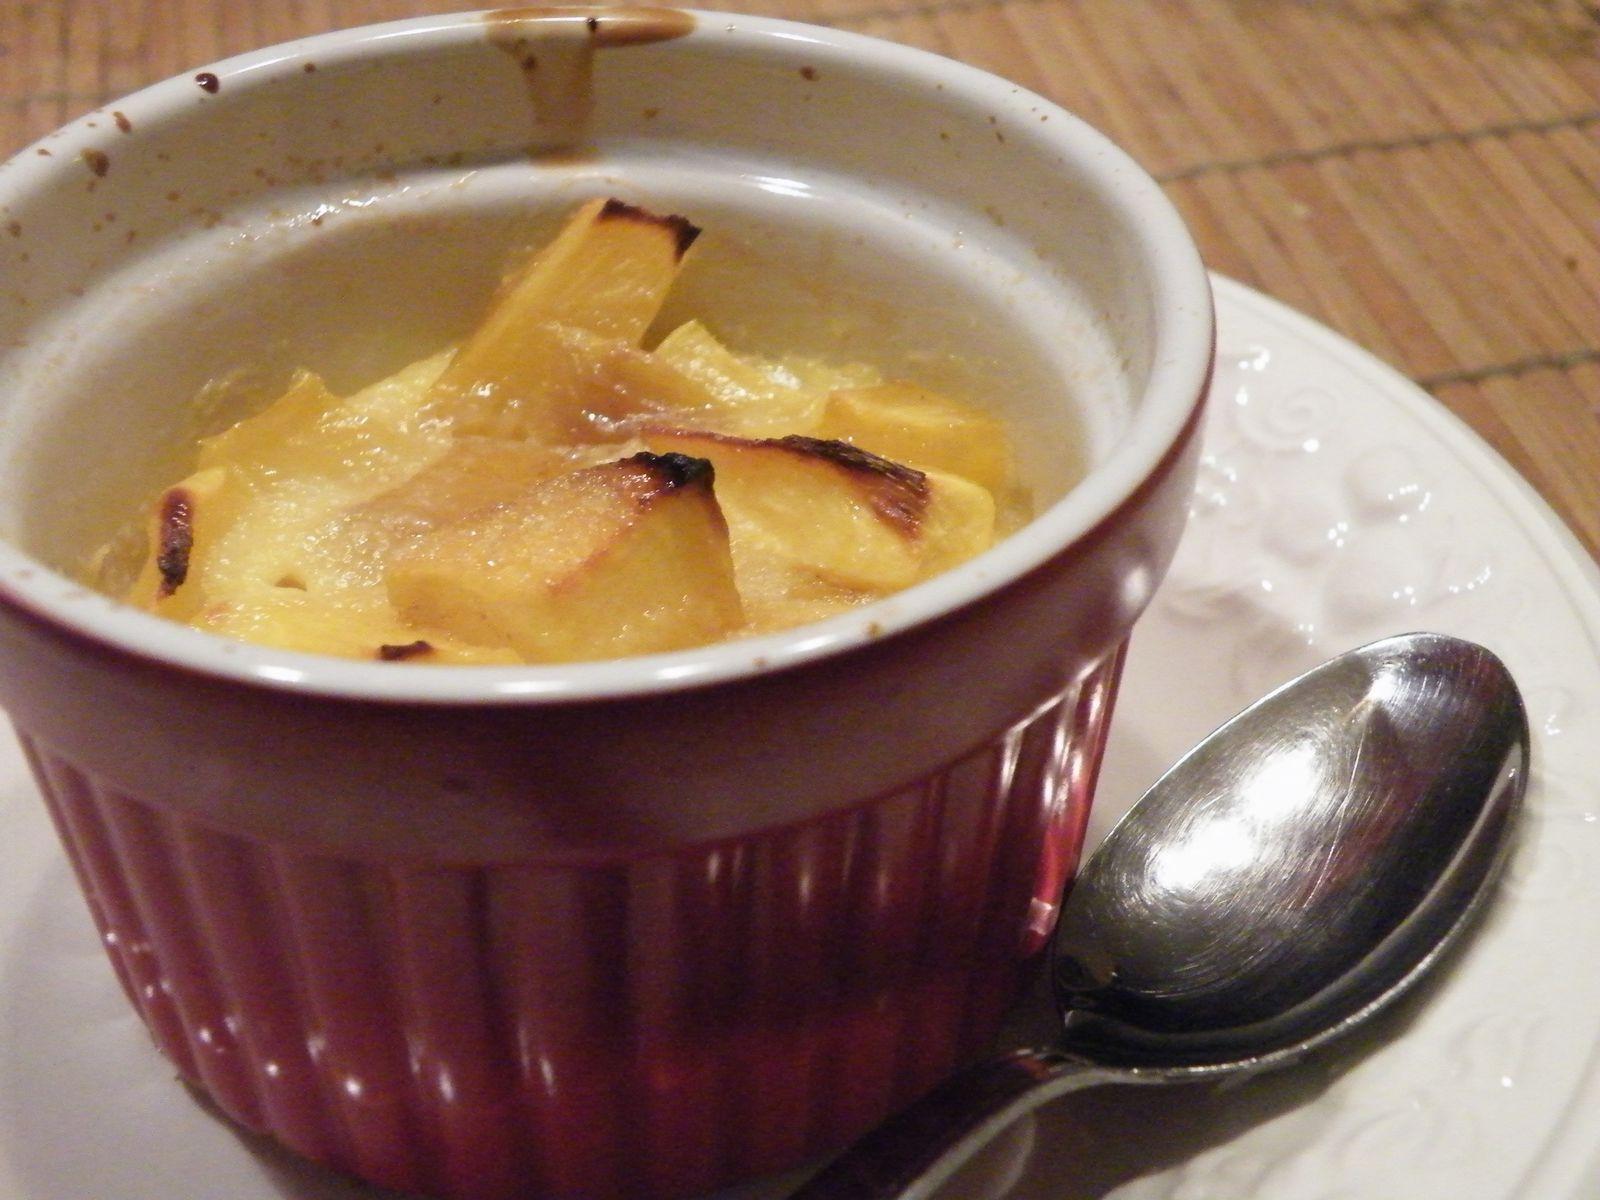 Voilà un délicieux dessert parfumé qui se déguste tiède ou froid.... Bon appetit et à bientot!!!